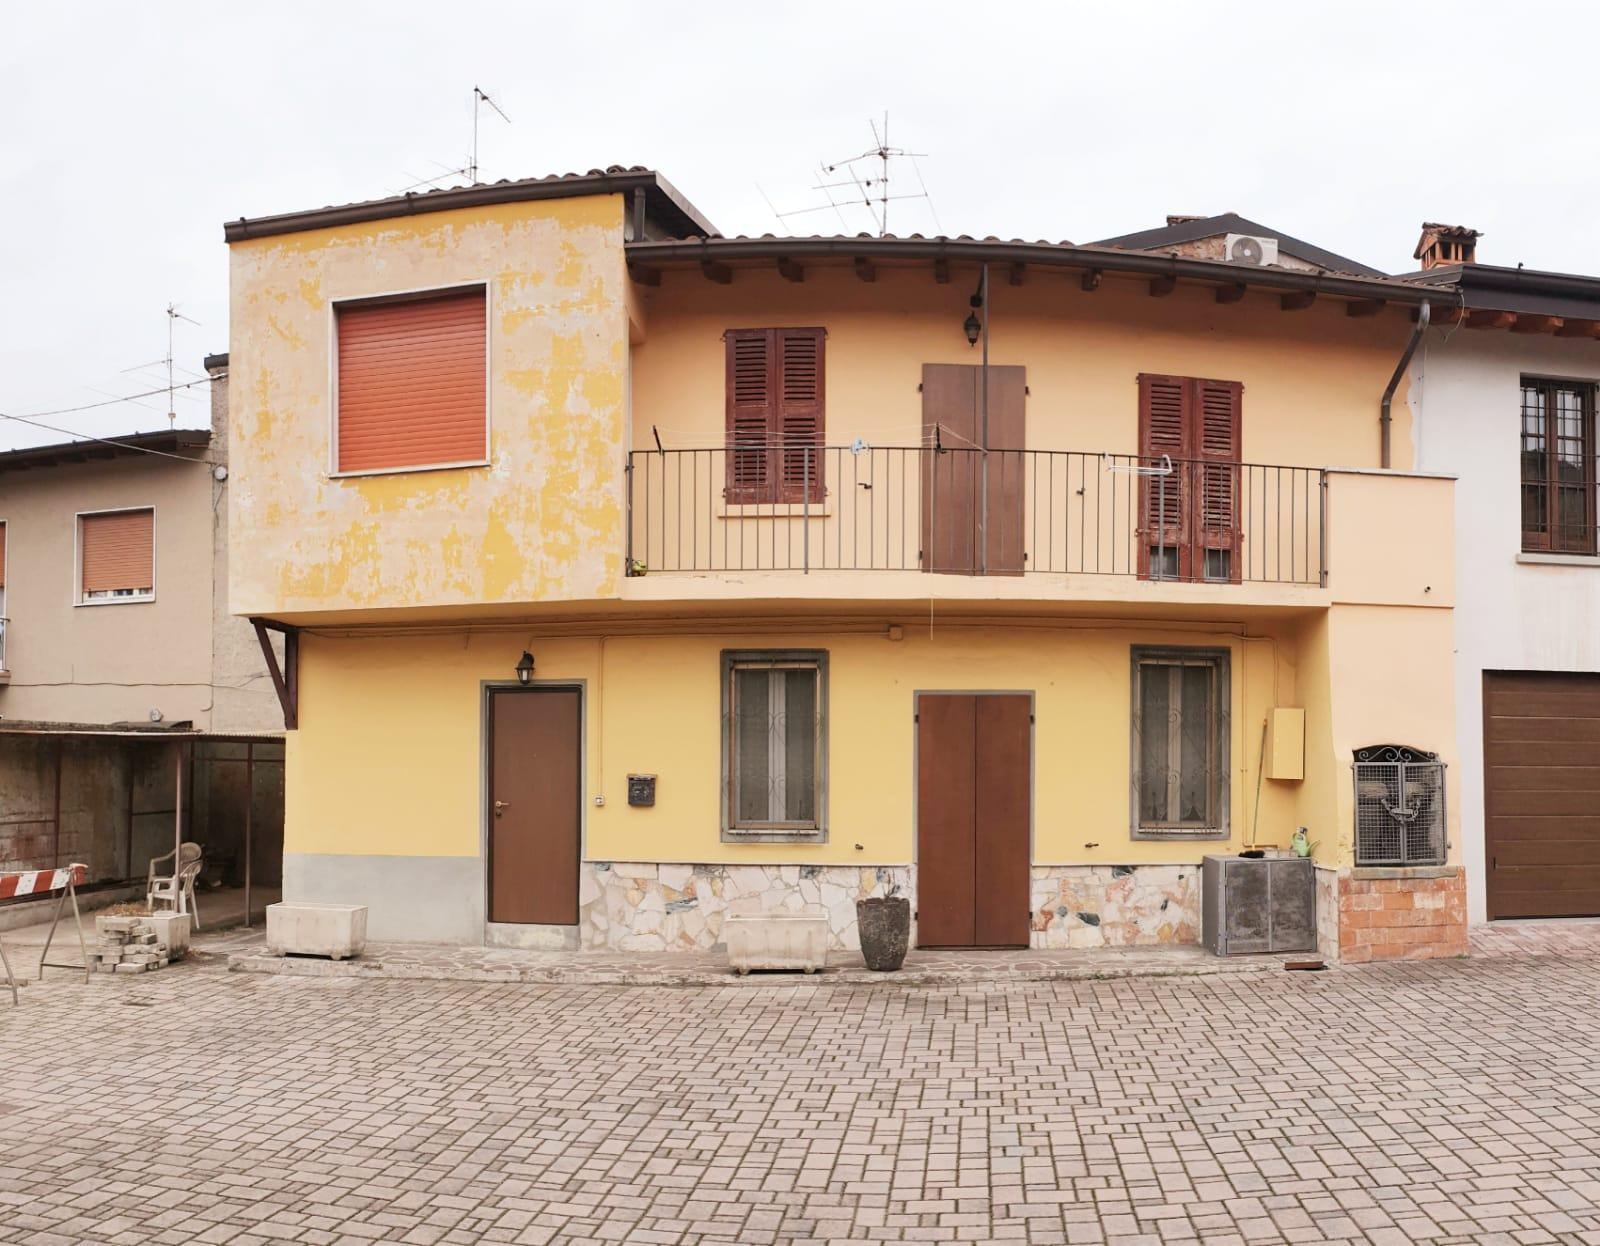 Soluzione Semindipendente in vendita a Ospitaletto, 3 locali, prezzo € 93.000 | PortaleAgenzieImmobiliari.it